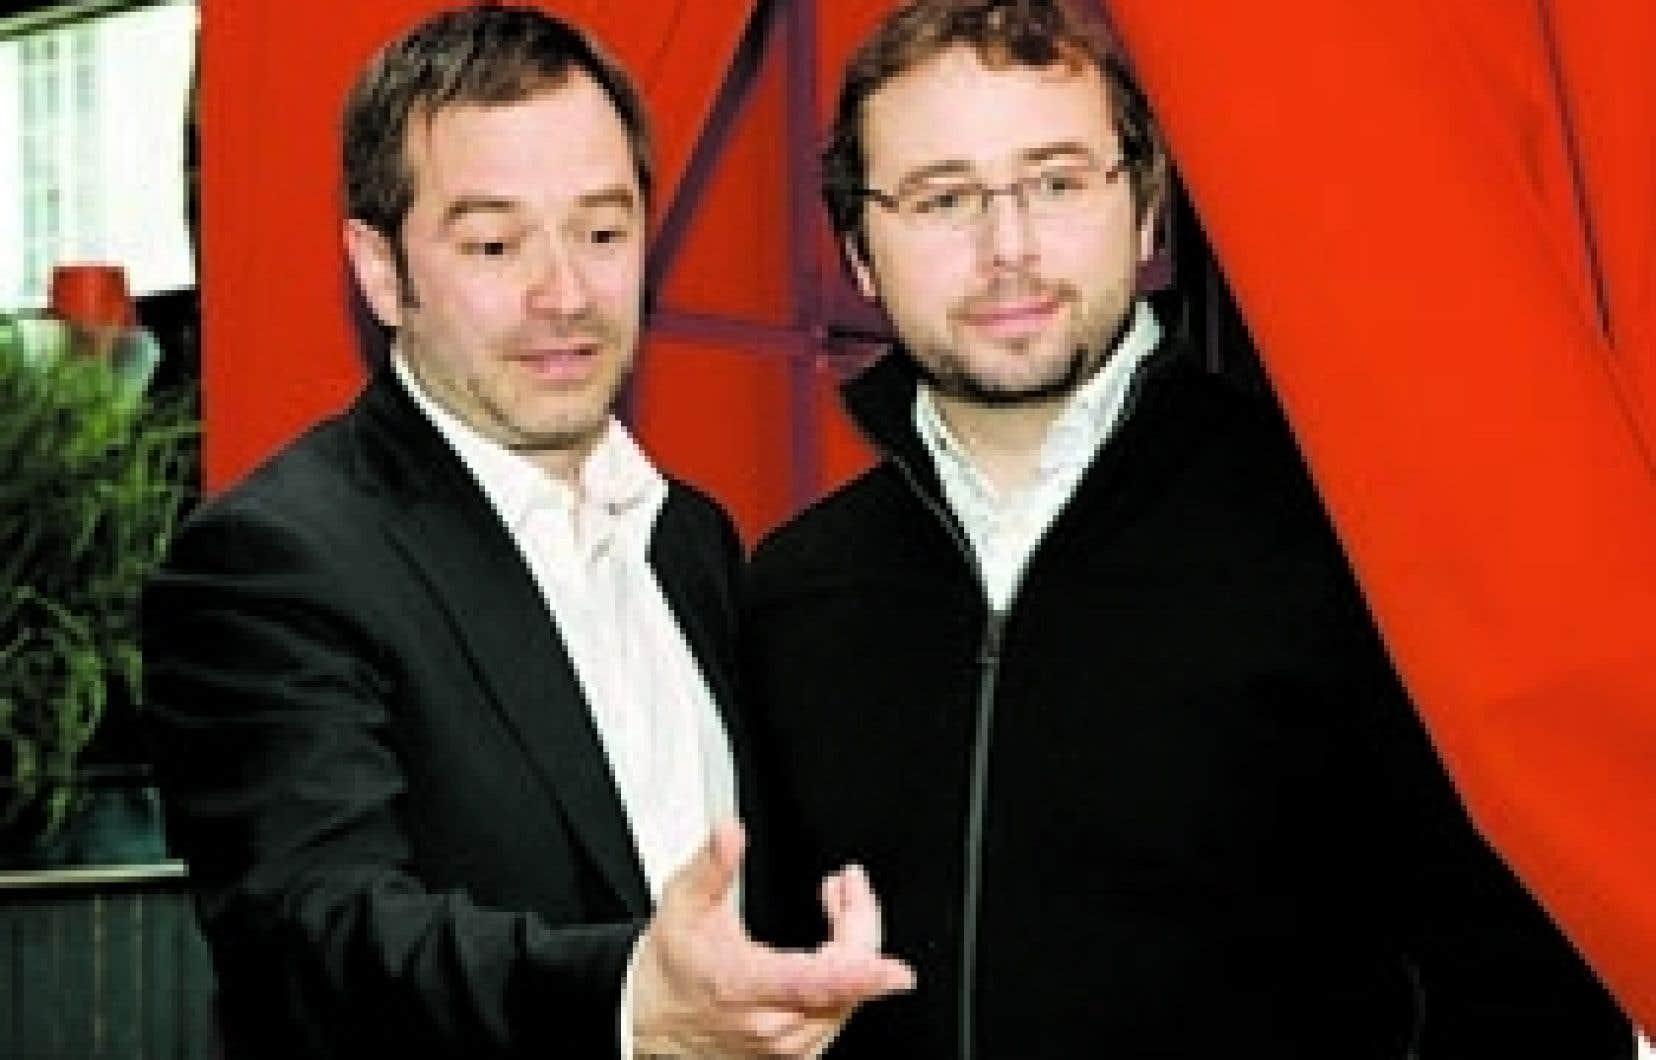 Le réalisateur Patrice Sauvé et le scénariste Frédéric Ouellet. Grande Ourse: la clé des possibles est rempli de rebondissements nombreux, défiant parfois toute logique.